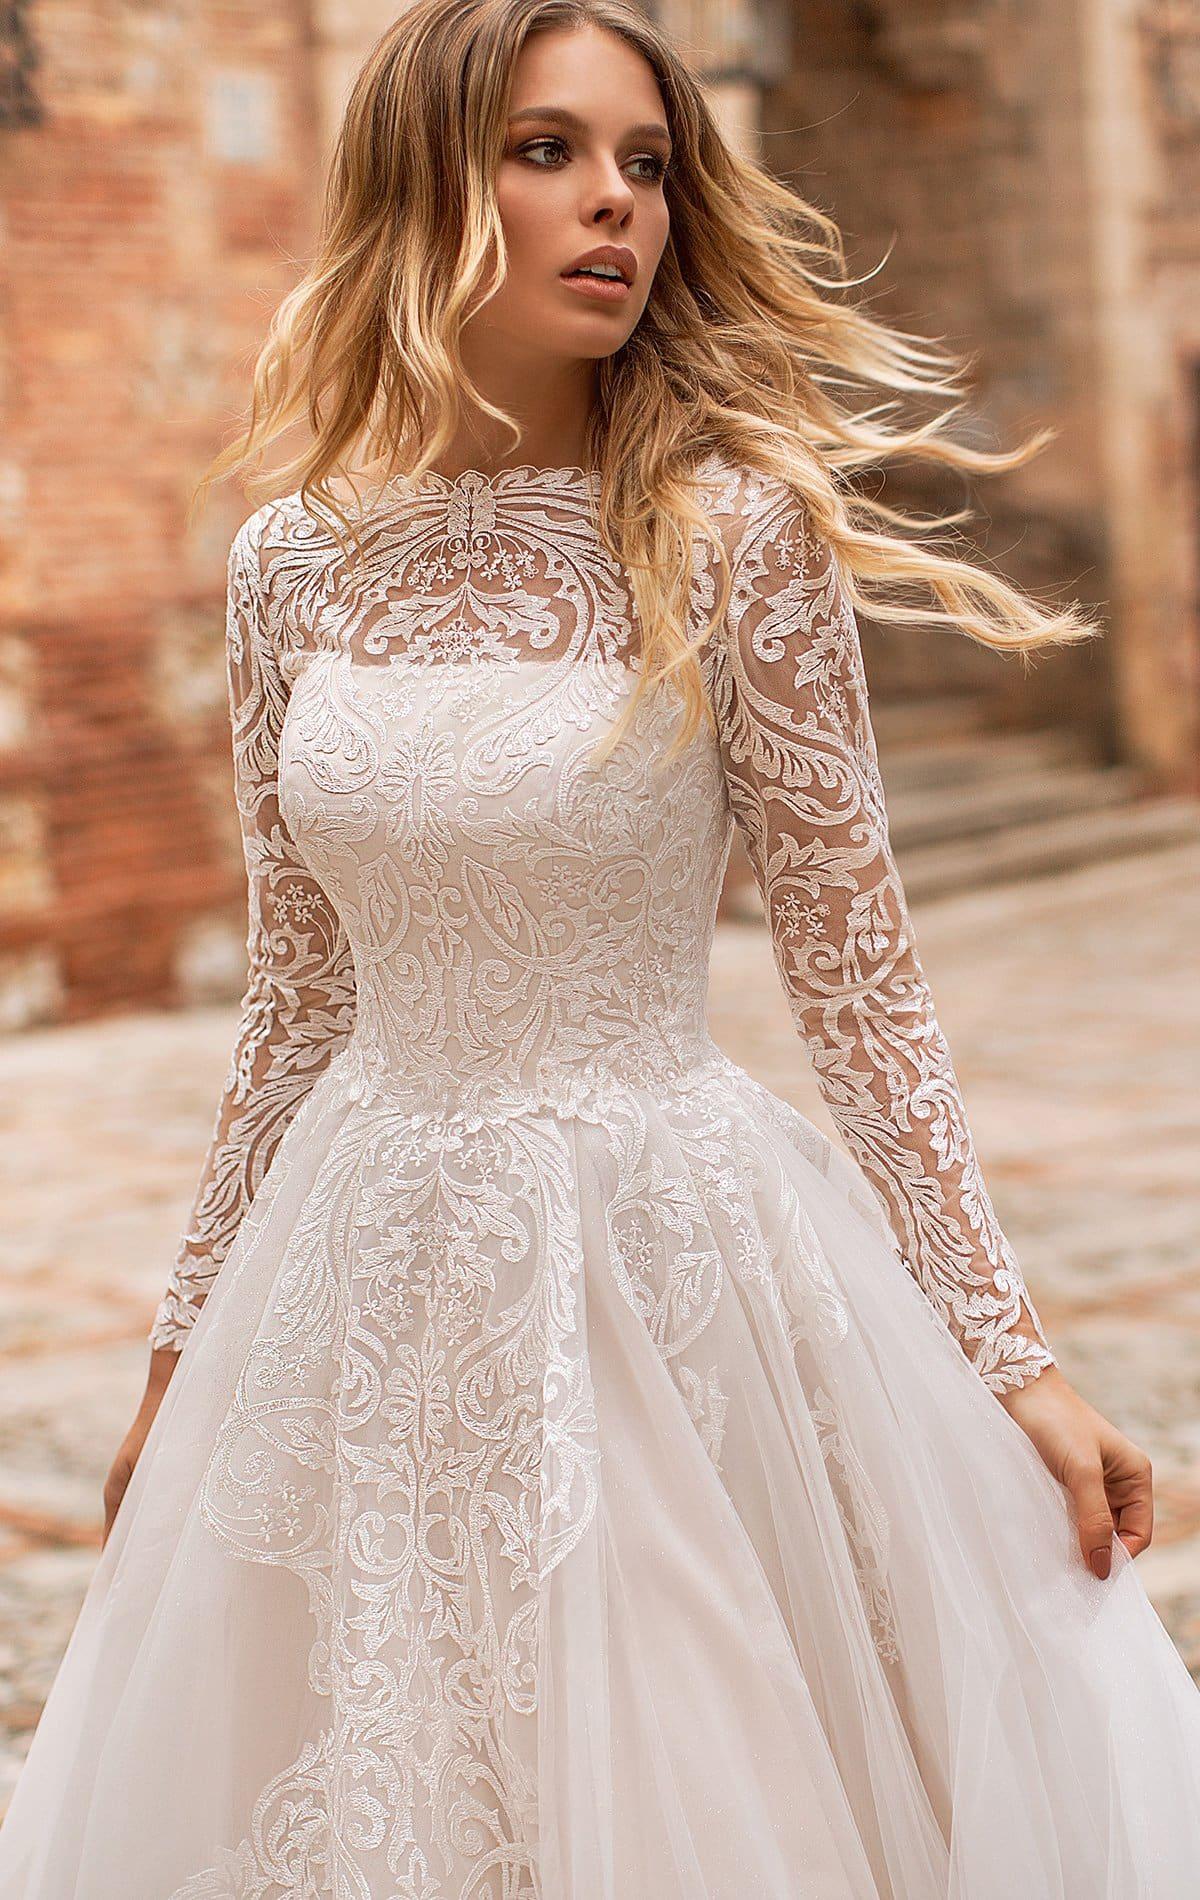 26527471daf Naviblue Bridal 2018 Wedding Dresses - Dolly Bridal Collection  weddingdress   weddinggown  brideddress